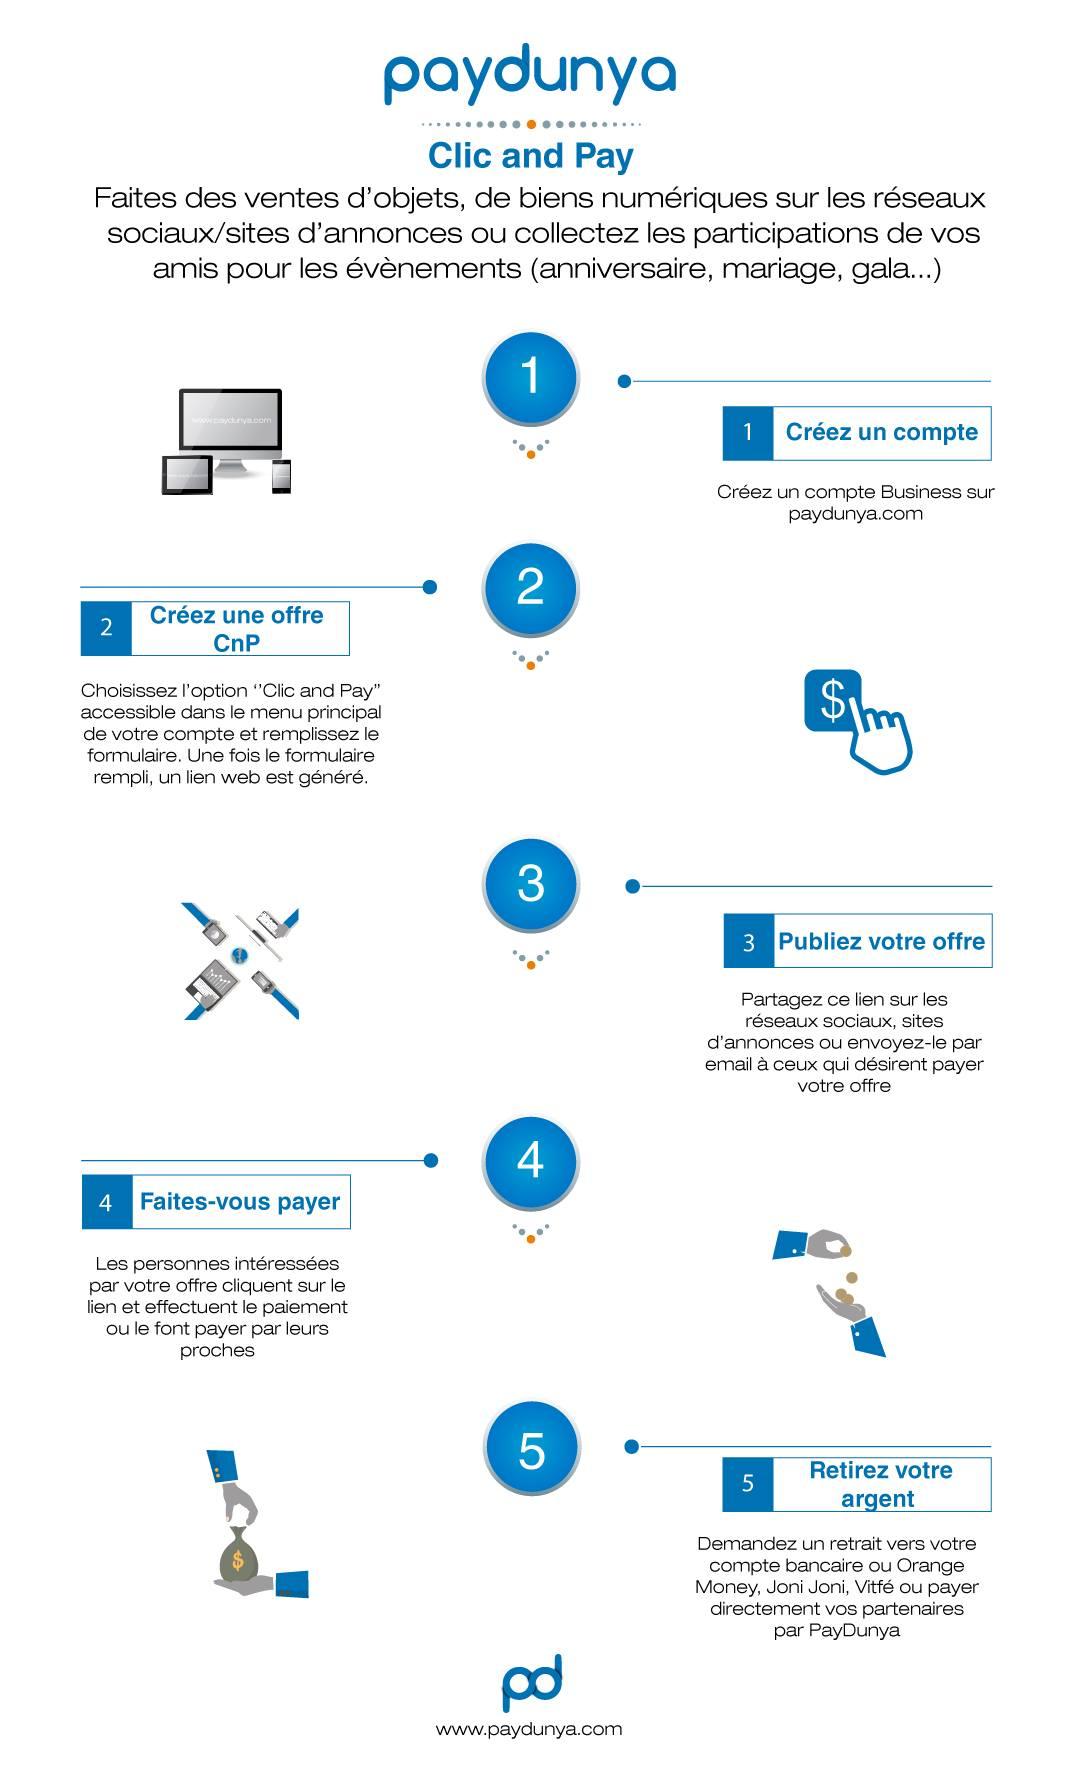 Comment faire des ventes et se faire payer sur les réseaux sociaux, sites d'annonces ?